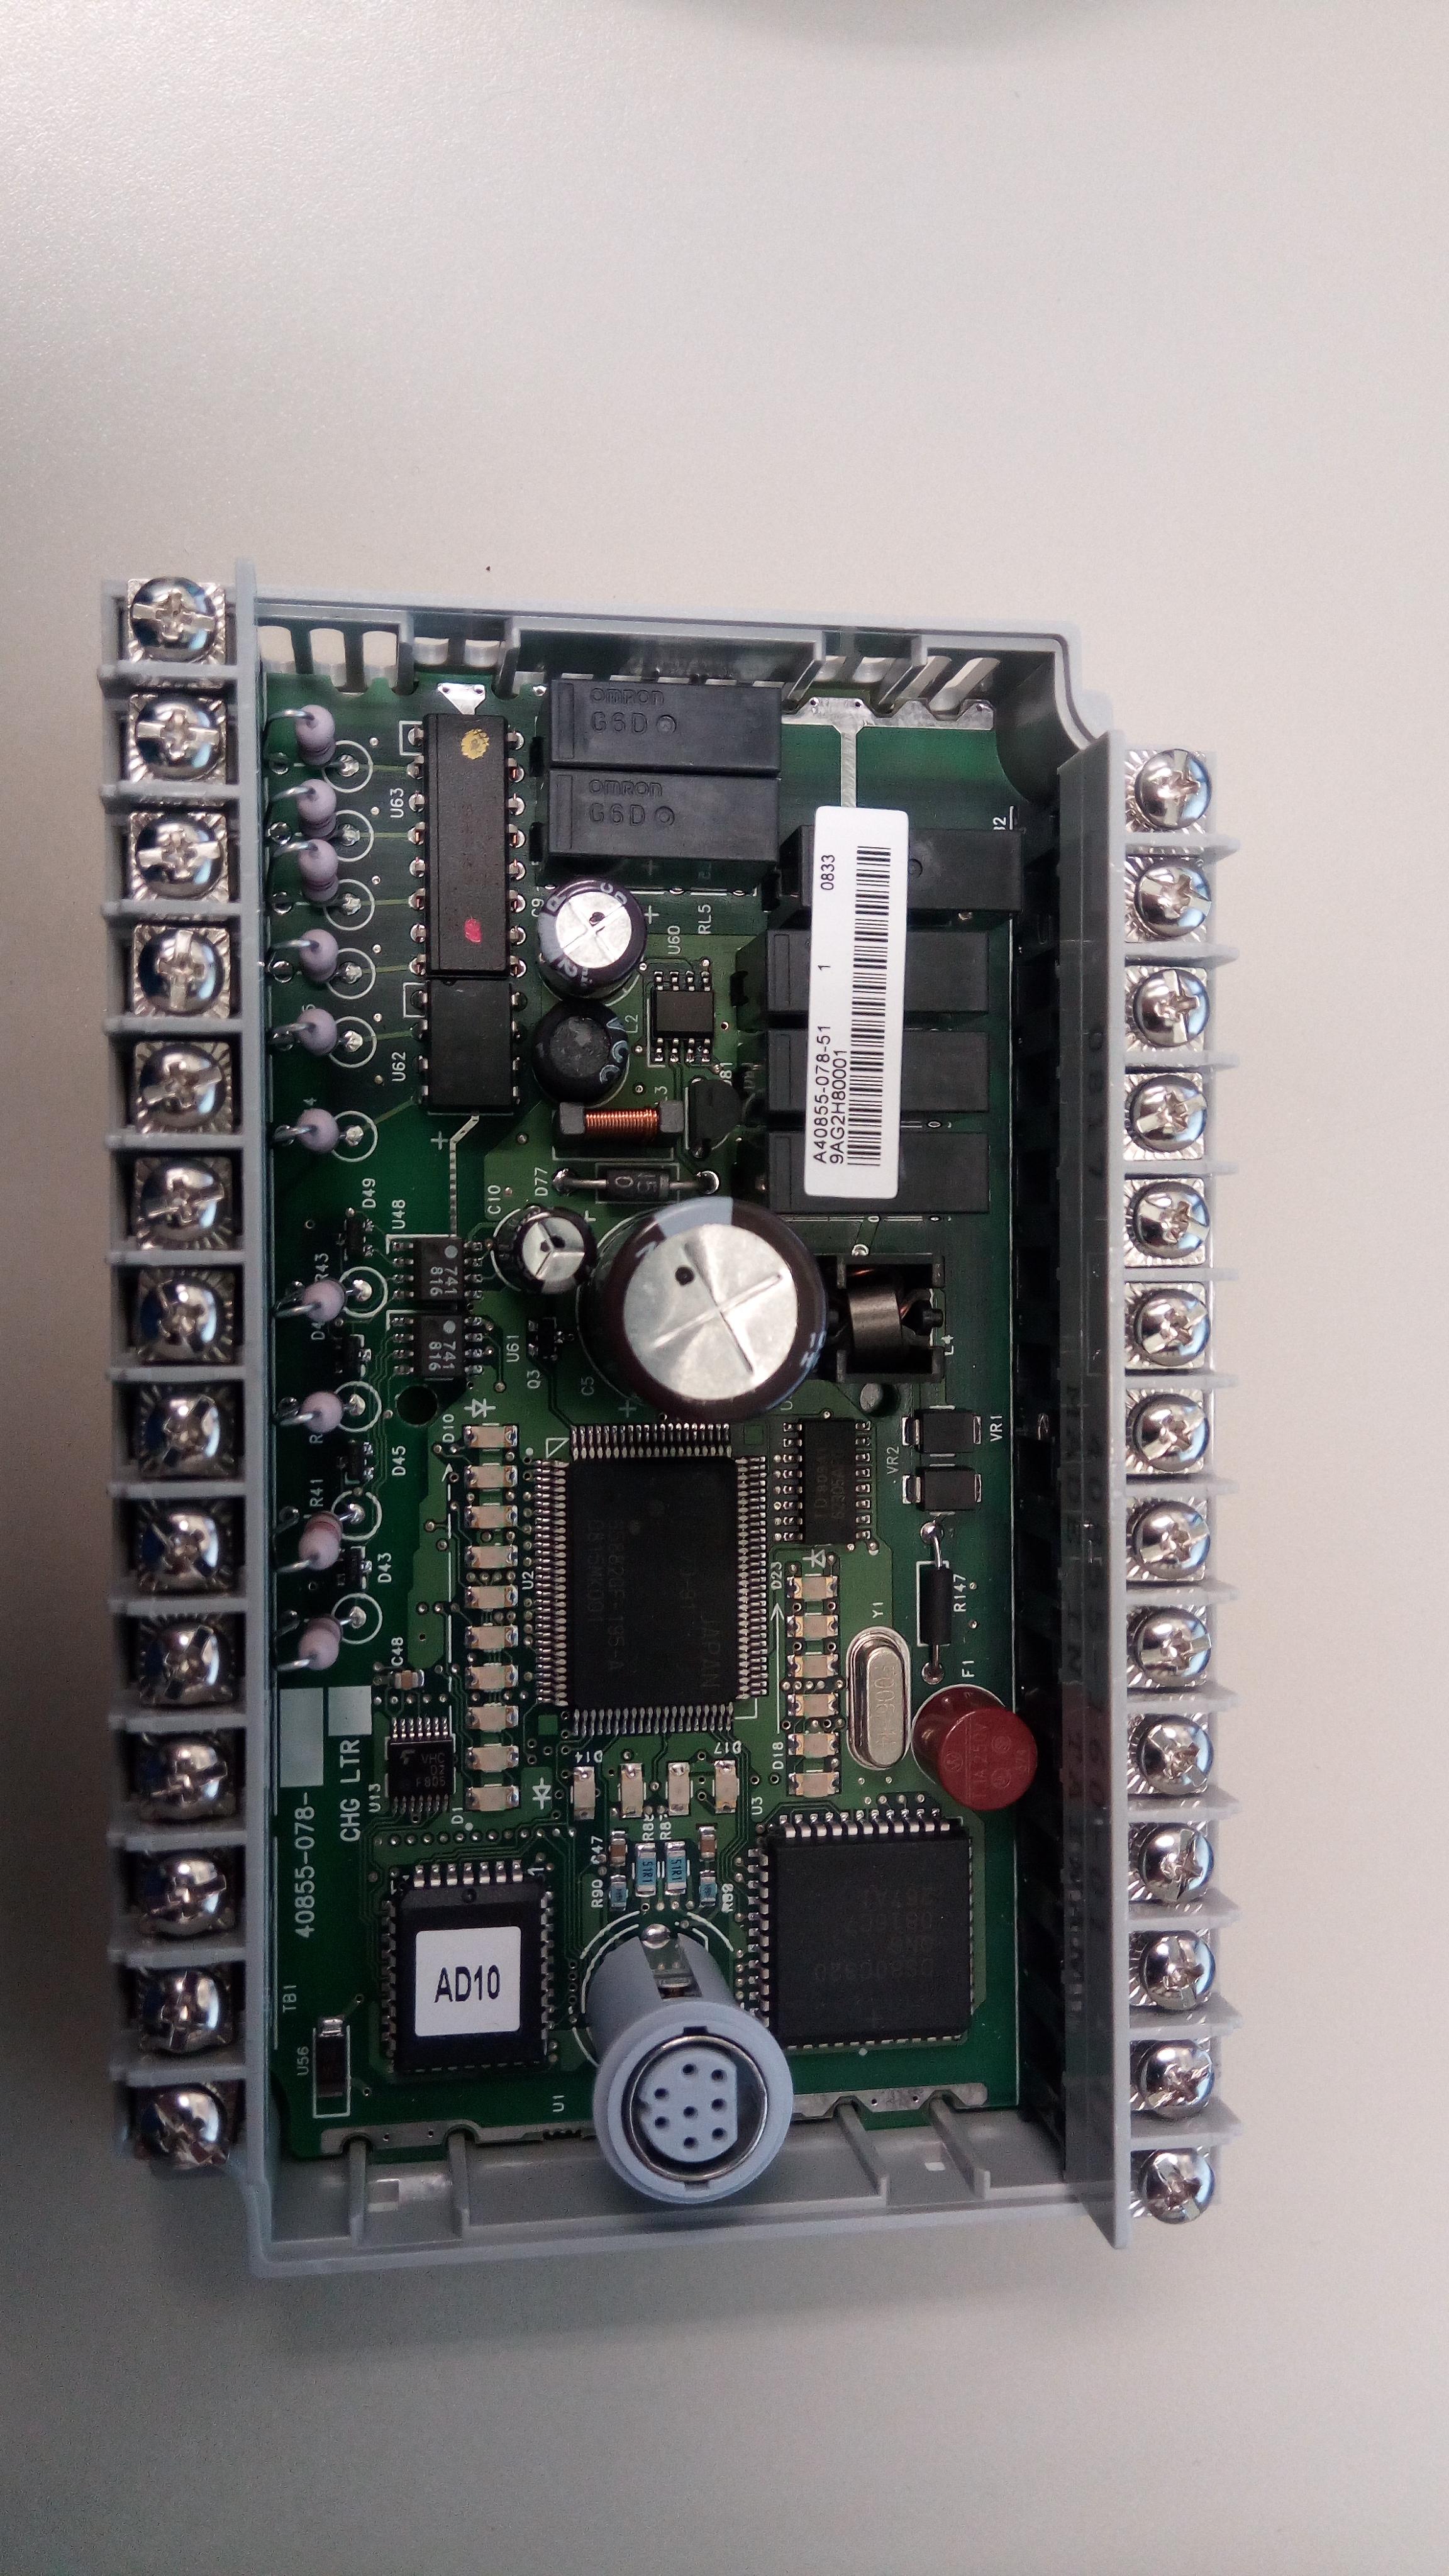 Xybernetics Allen-Bradley - MicroLogic What Does It Looks Like Inside